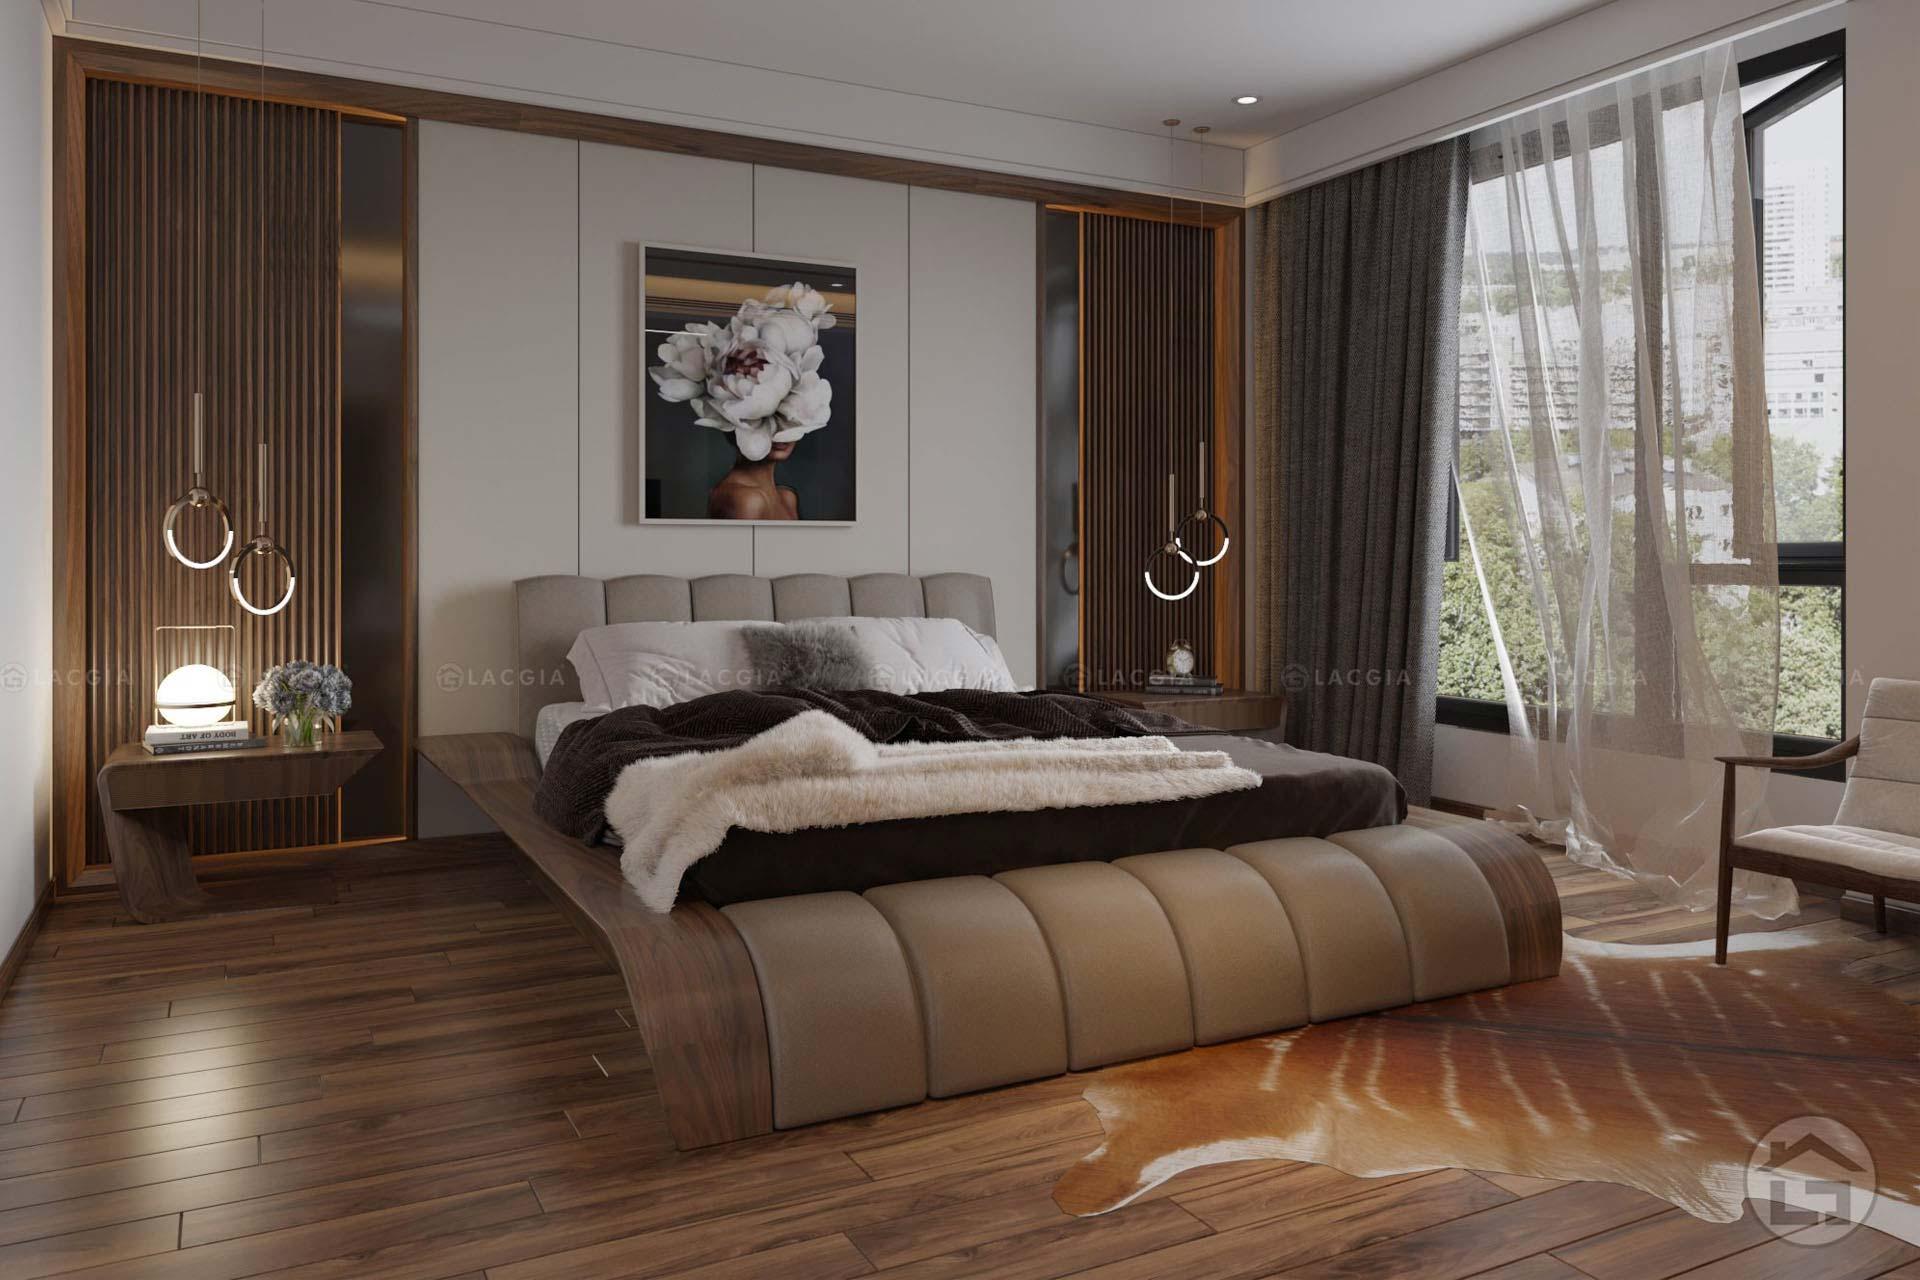 Giường ngủ hiện đại GN23